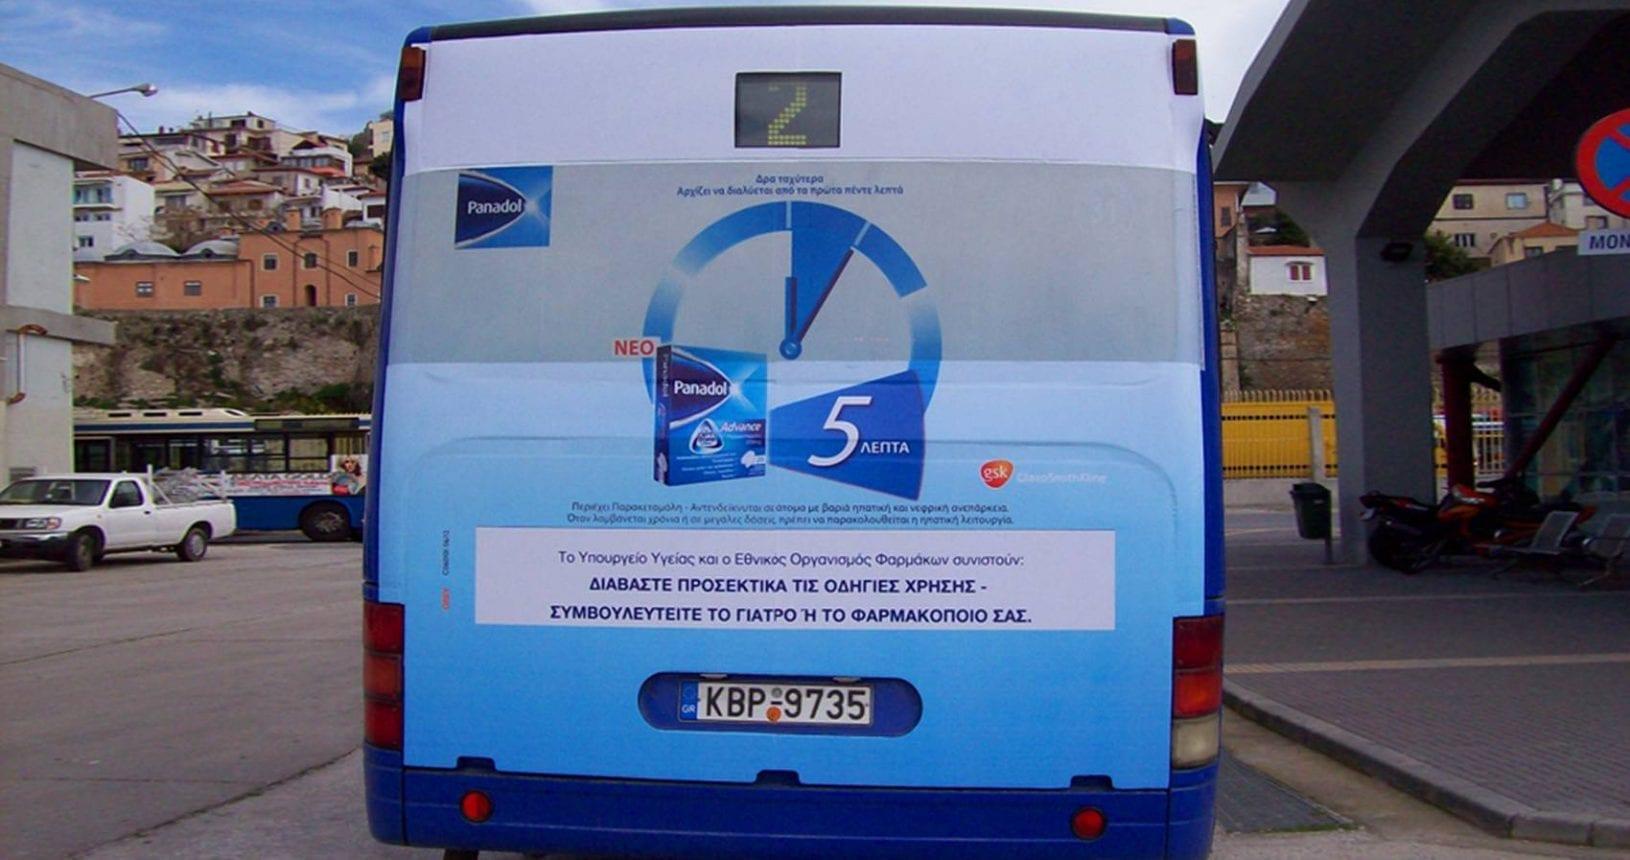 διαφήμιση σε λεωφορεία ΚΤΕΛ